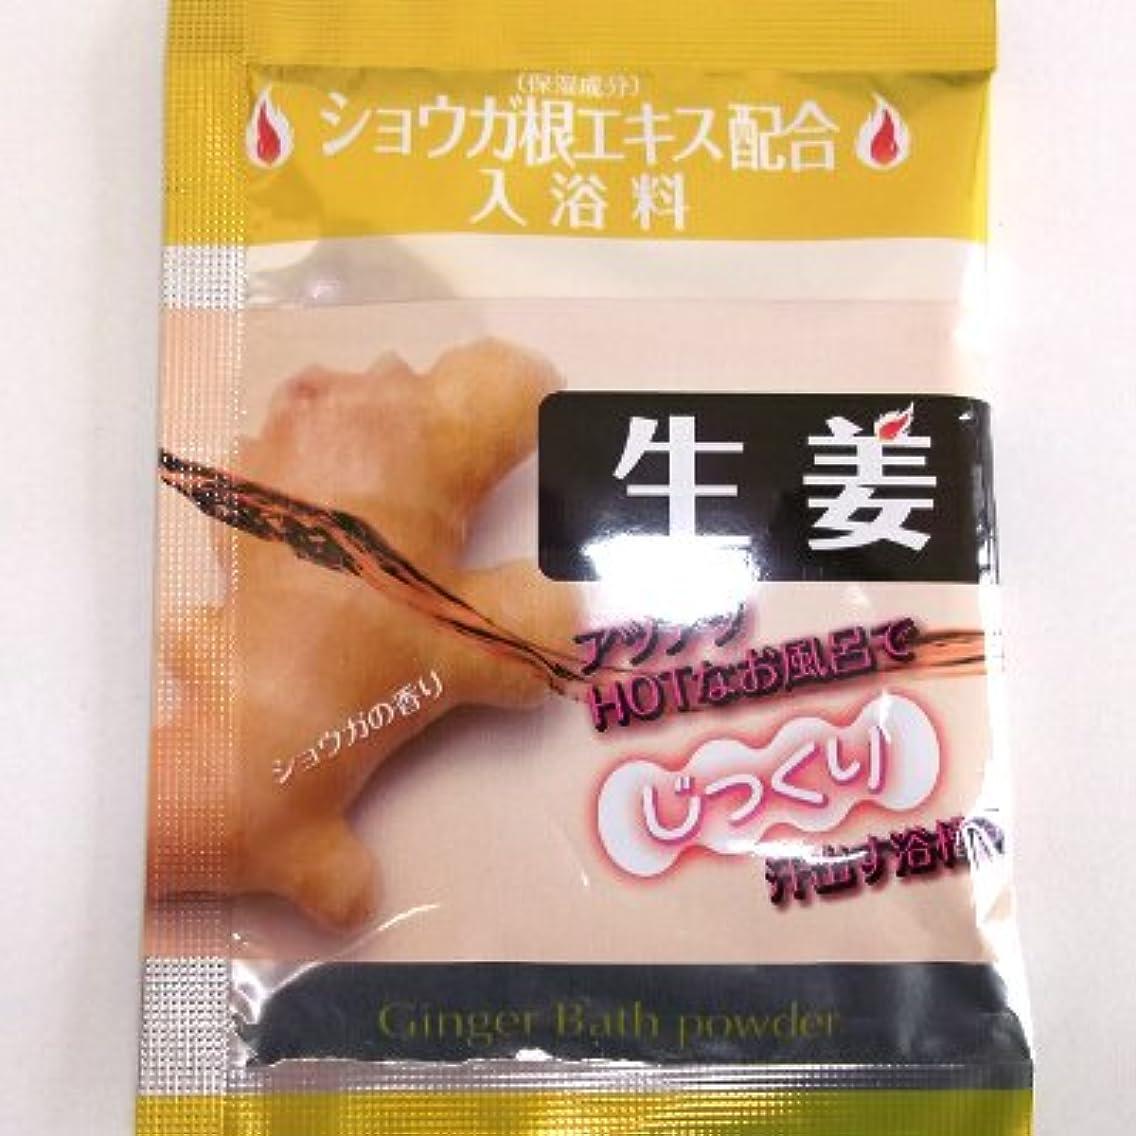 メドレーやさしいくつろぐ湯冷め知らずの入浴料 生姜